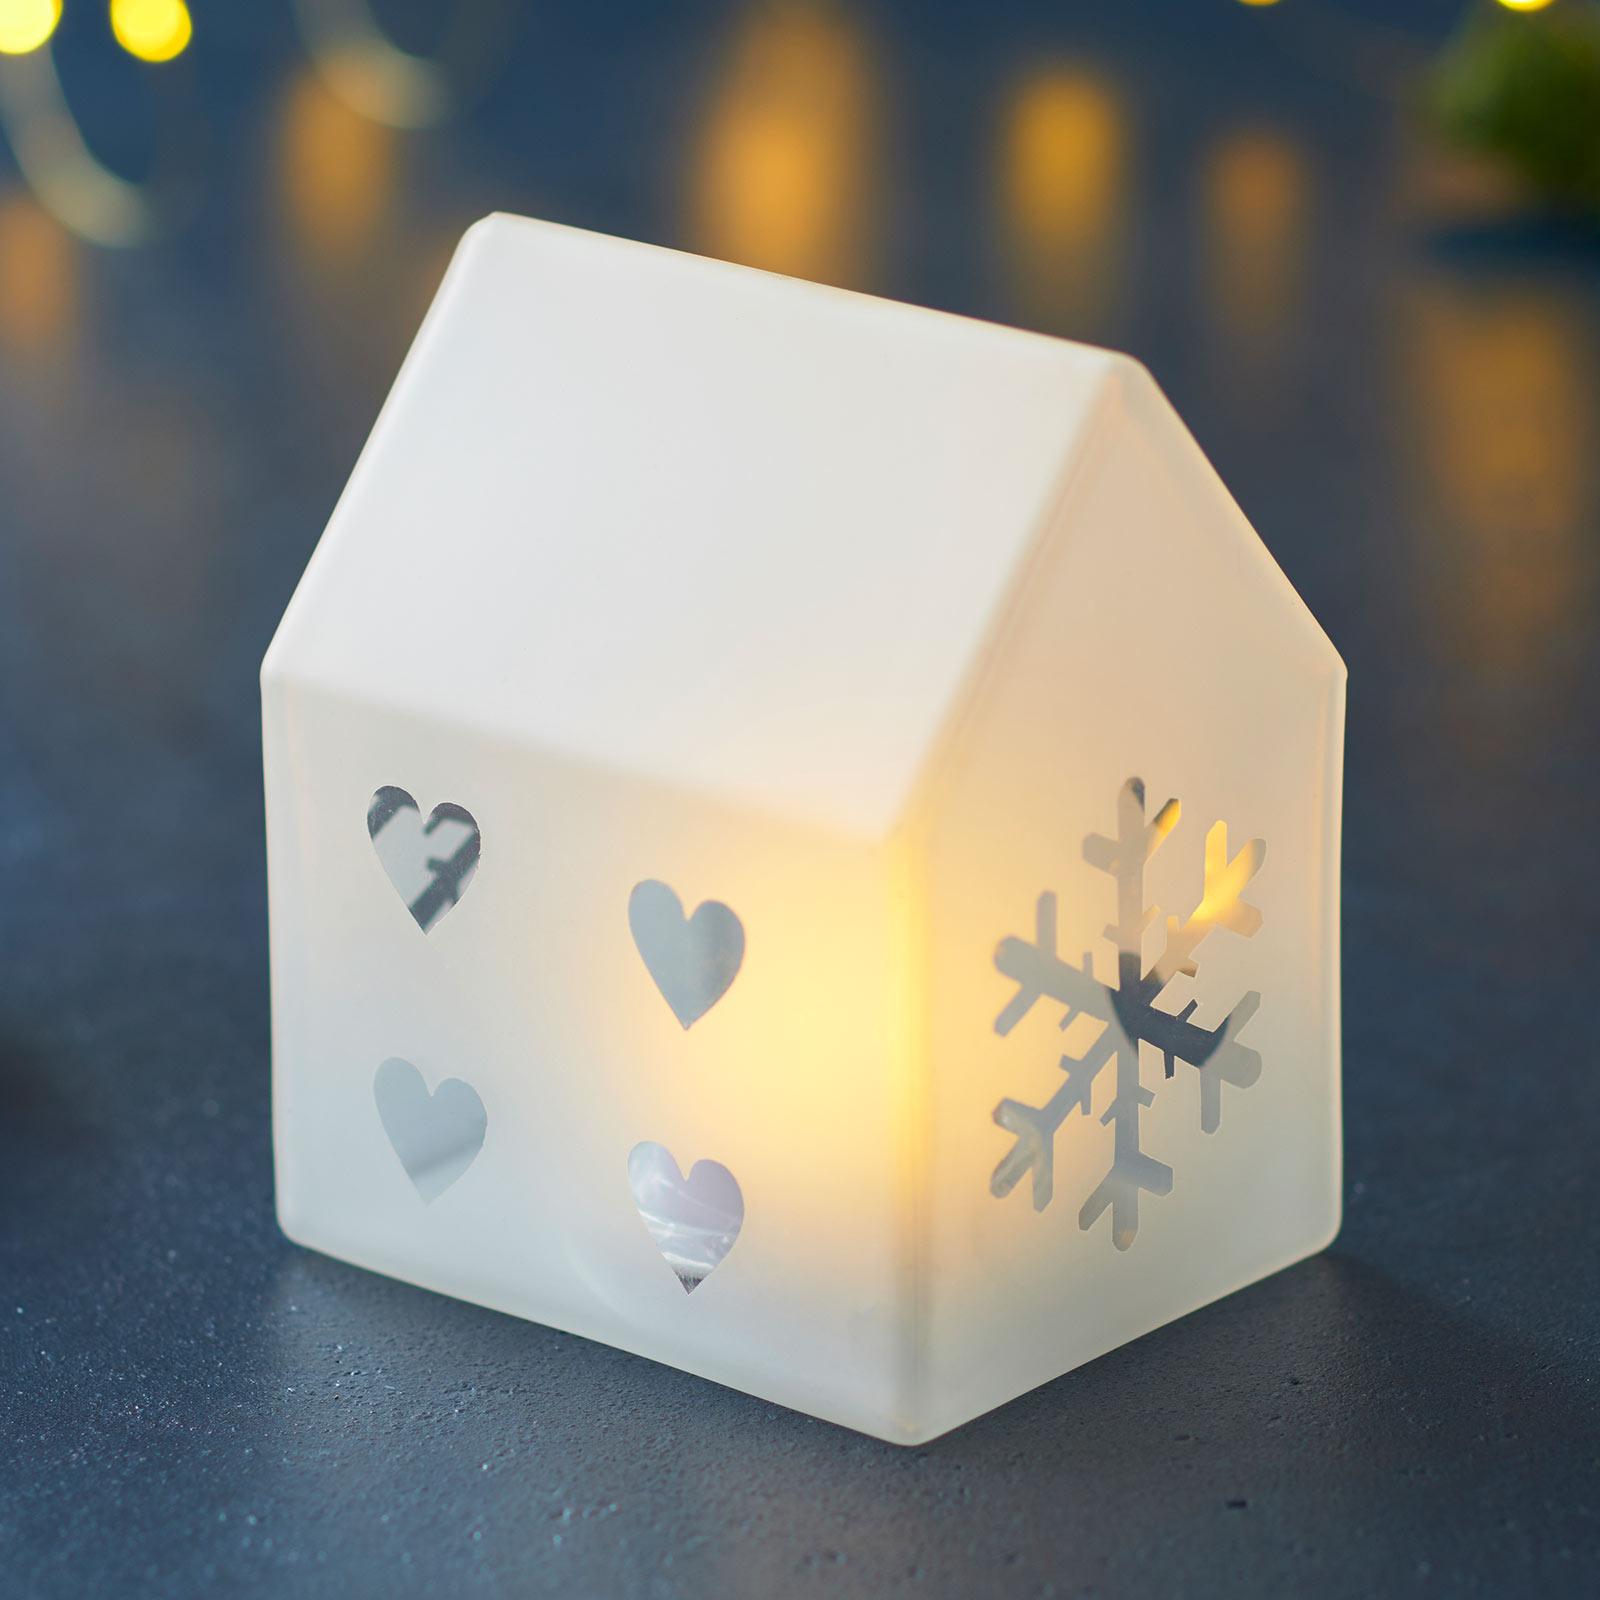 LED-koristevalaisin Santa House, korkeus 10 cm